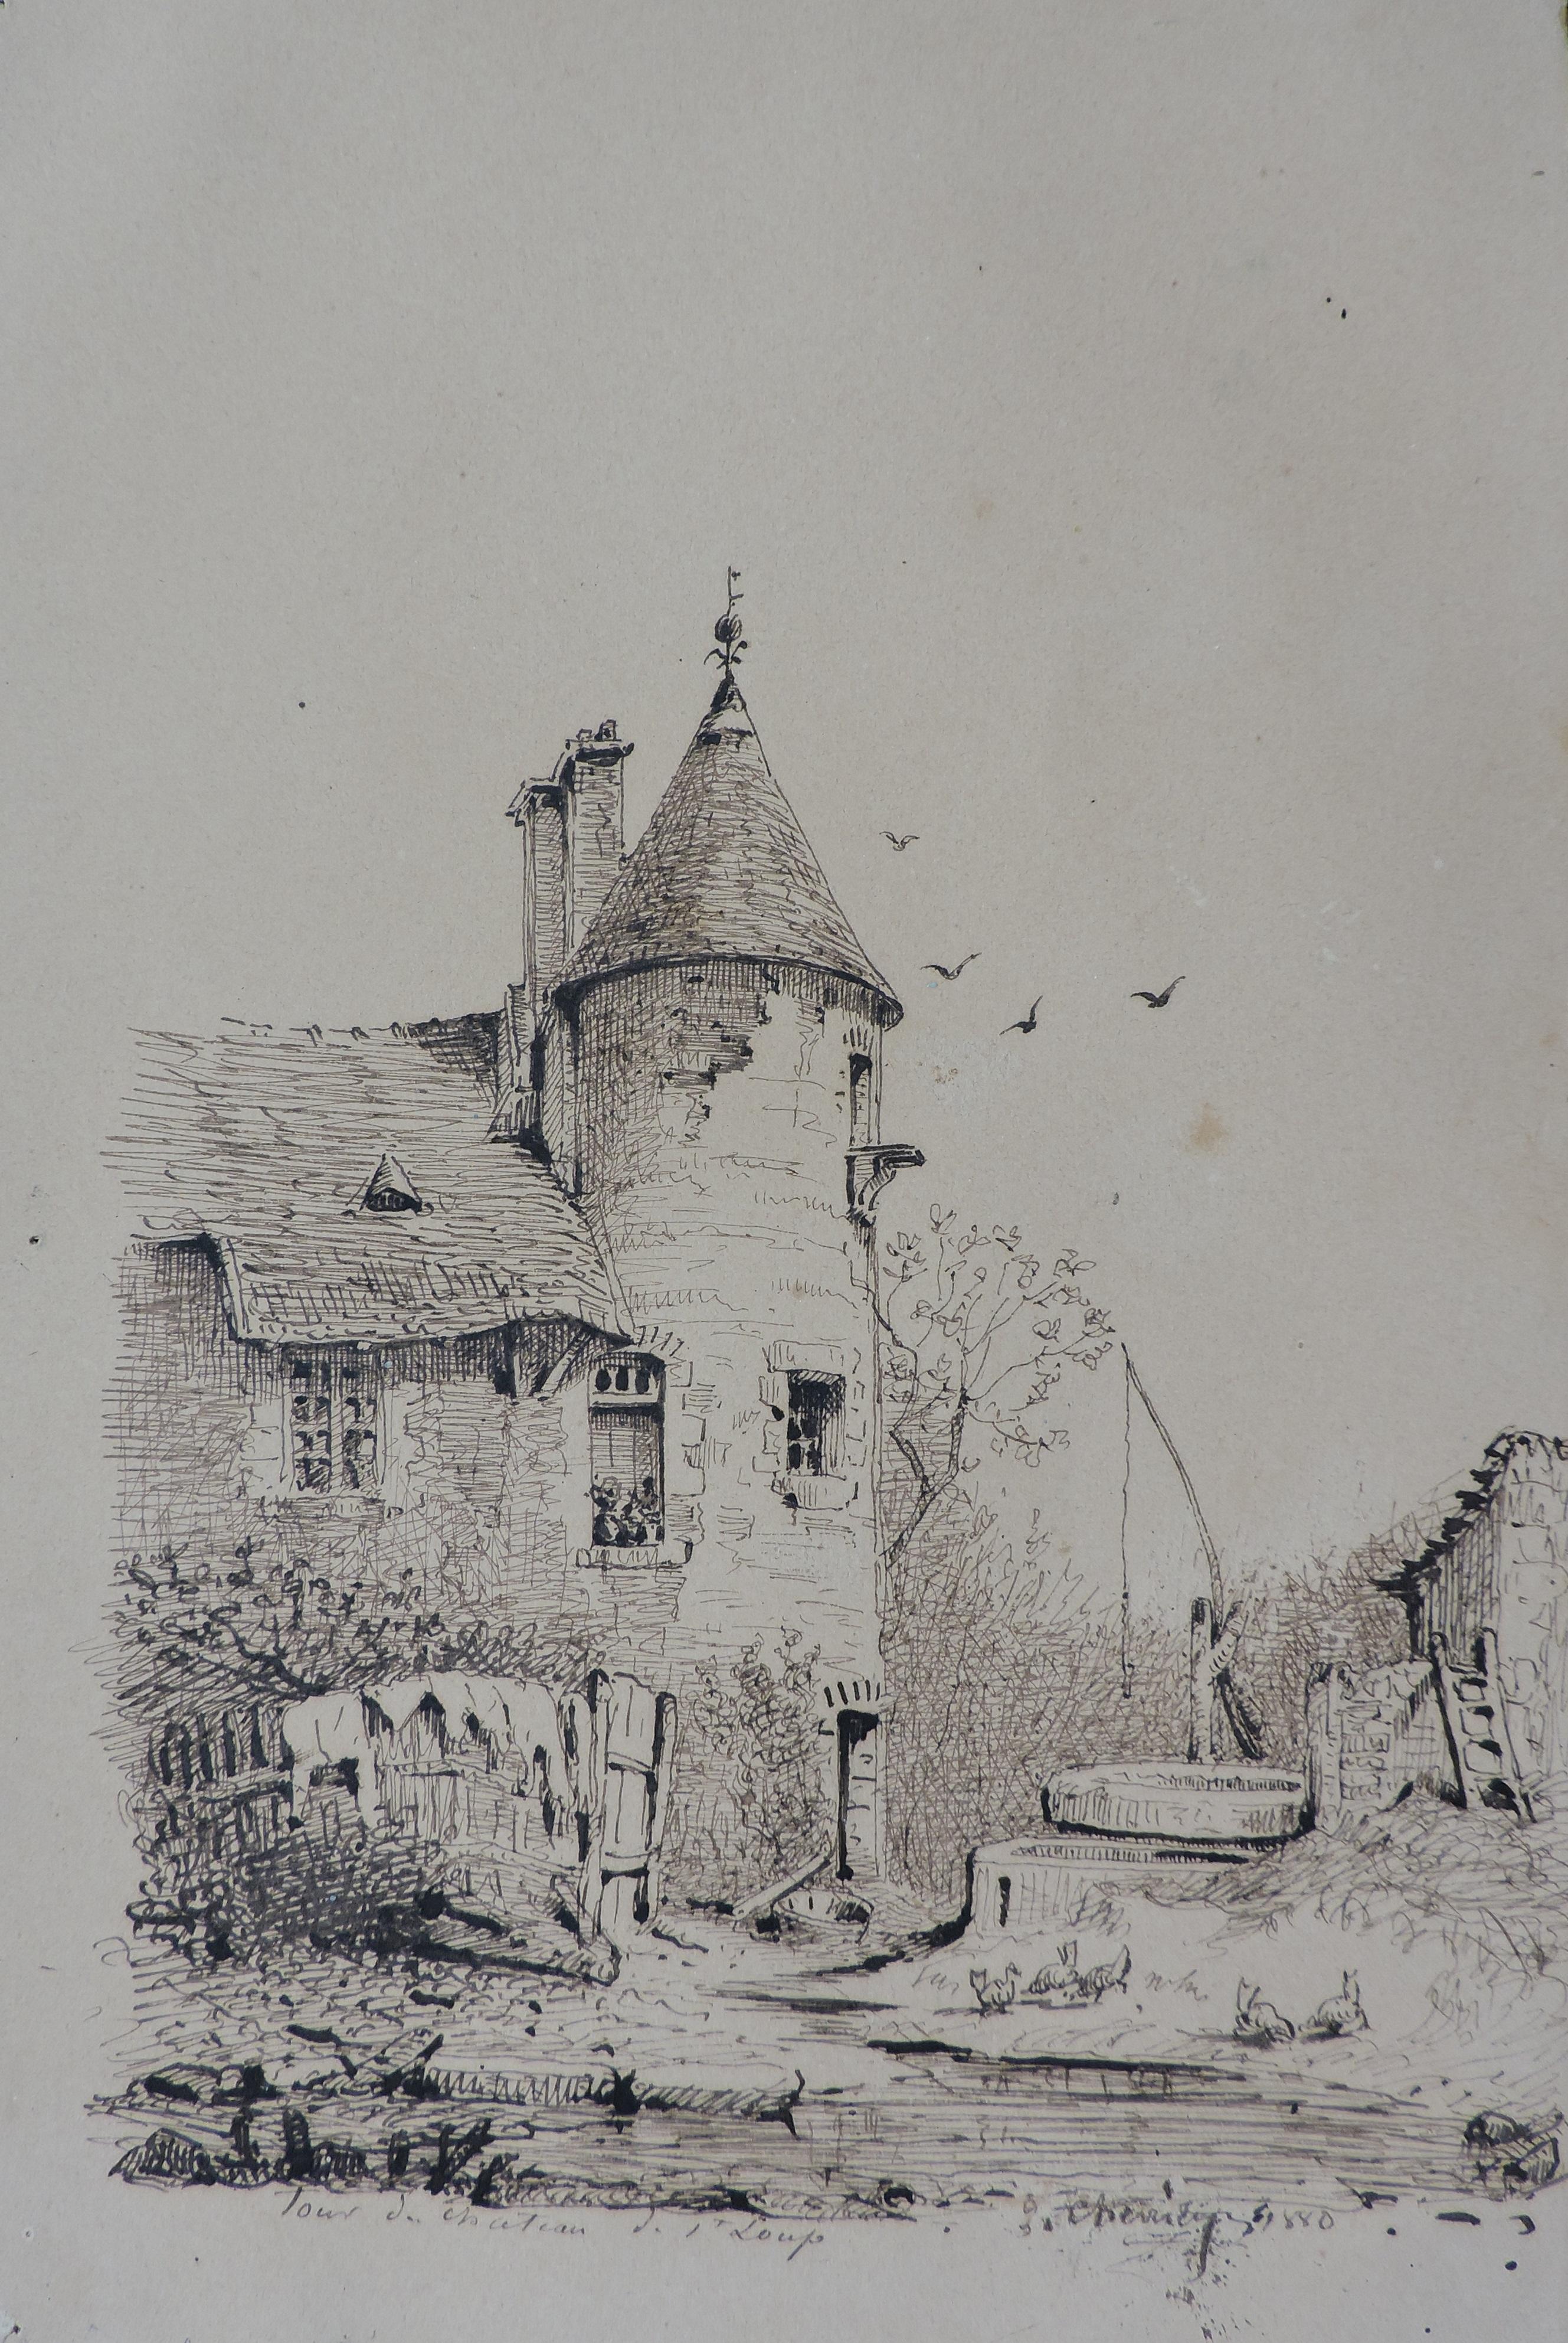 Saint-Loup-de-Varennes